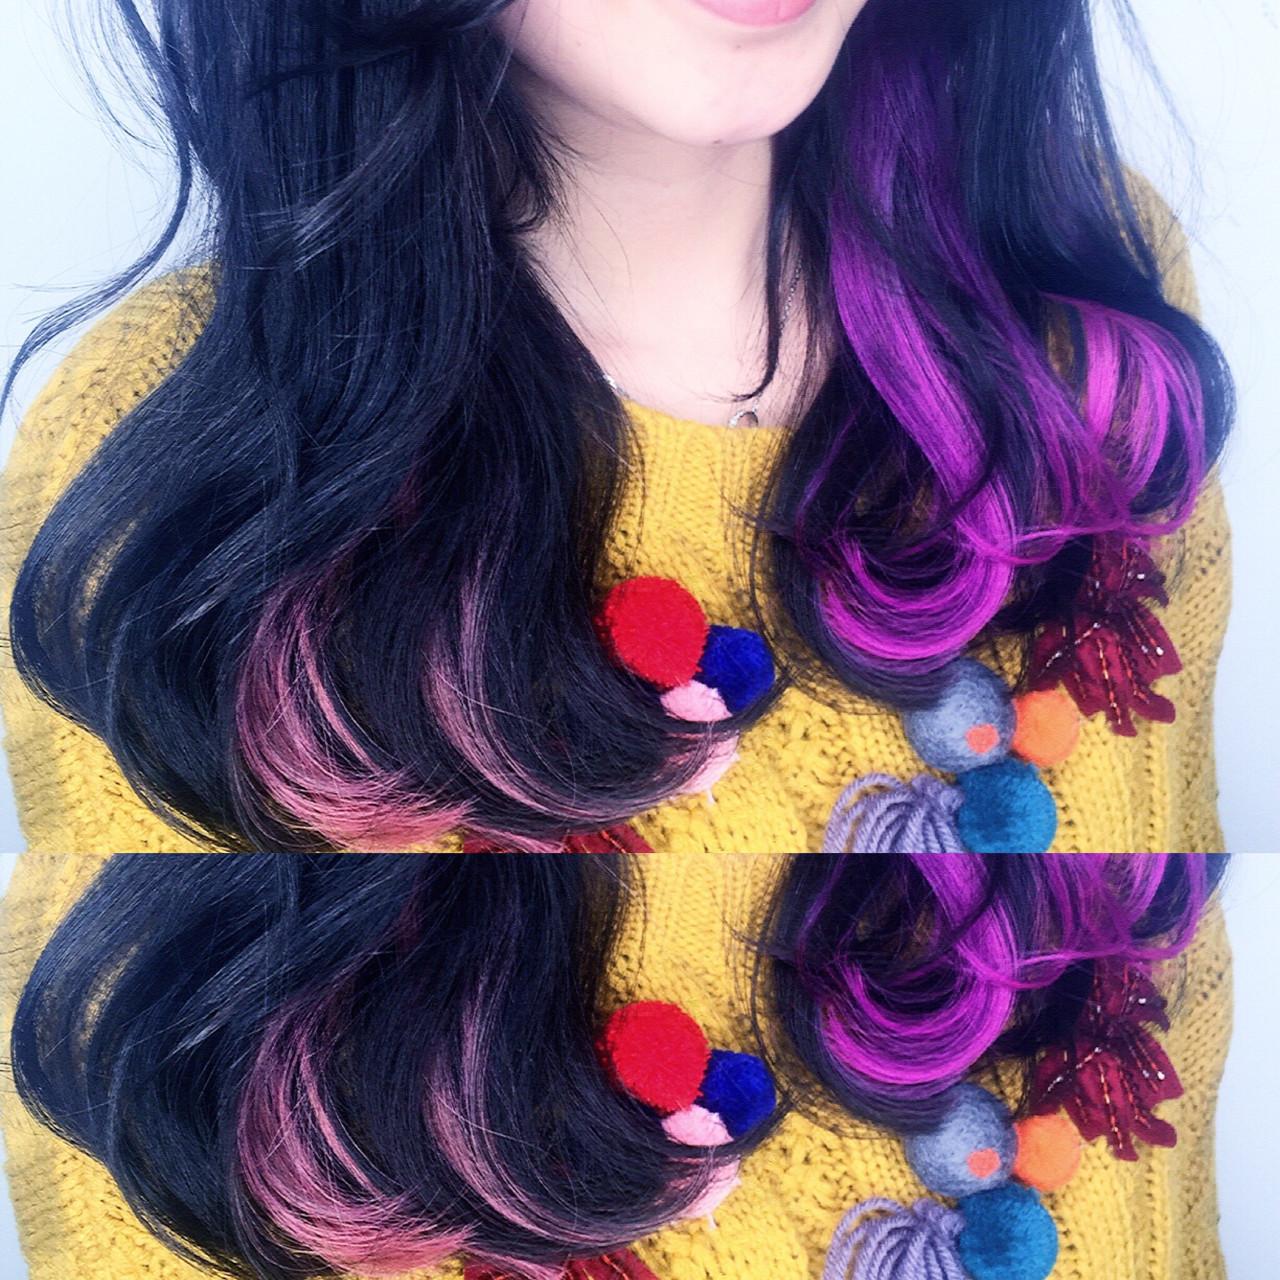 ミディアム 渋谷系 グラデーションカラー ガーリー ヘアスタイルや髪型の写真・画像   筒井 隆由 / Hair salon mode